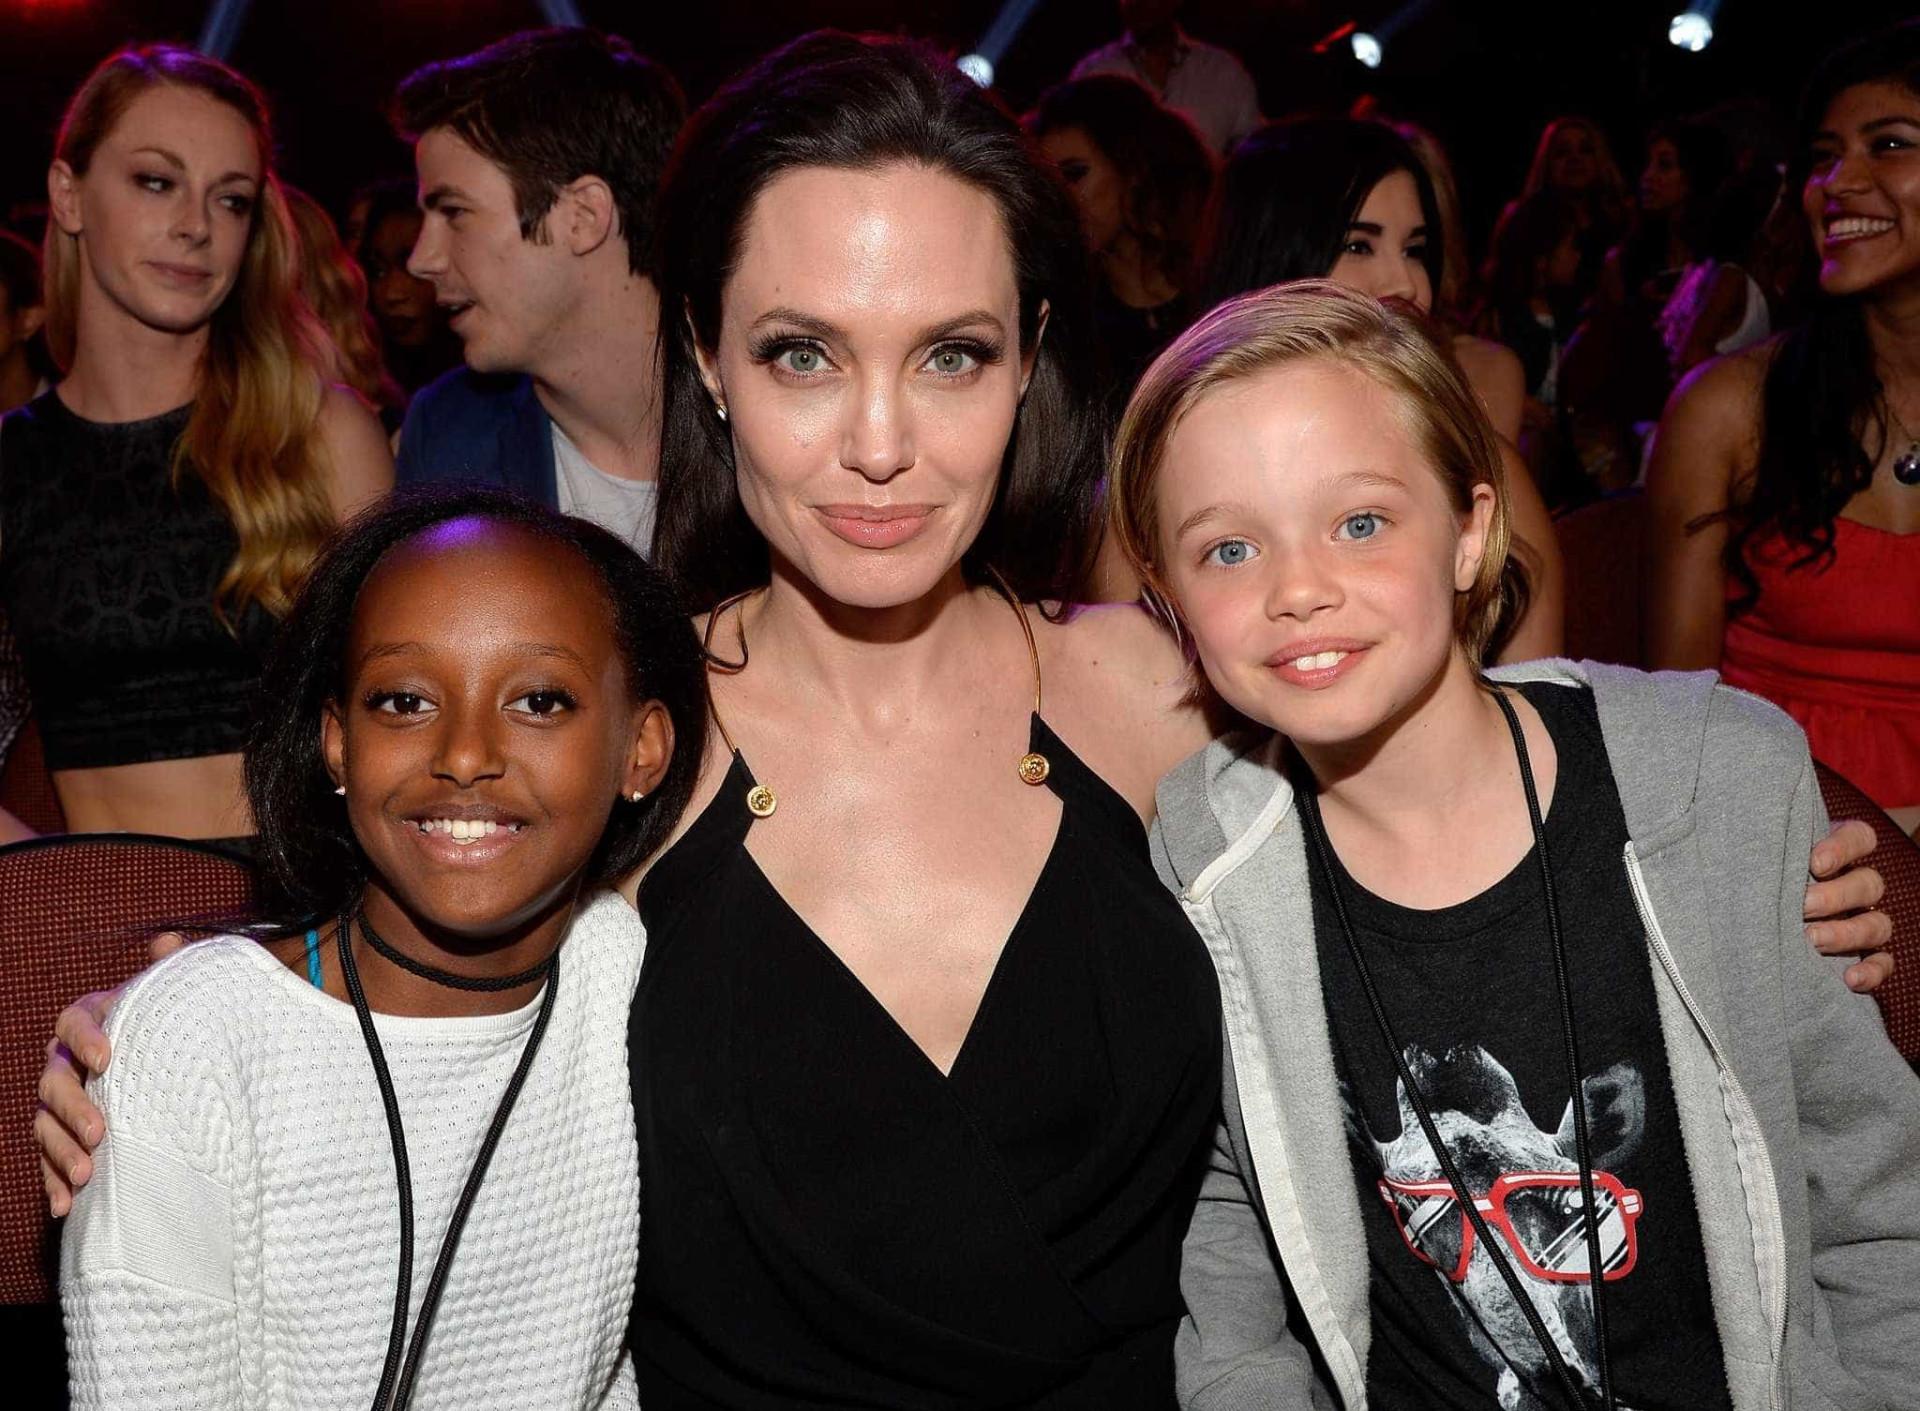 Jolie acusada de ser má mãe. Relação com Pitt volta a 'azedar'